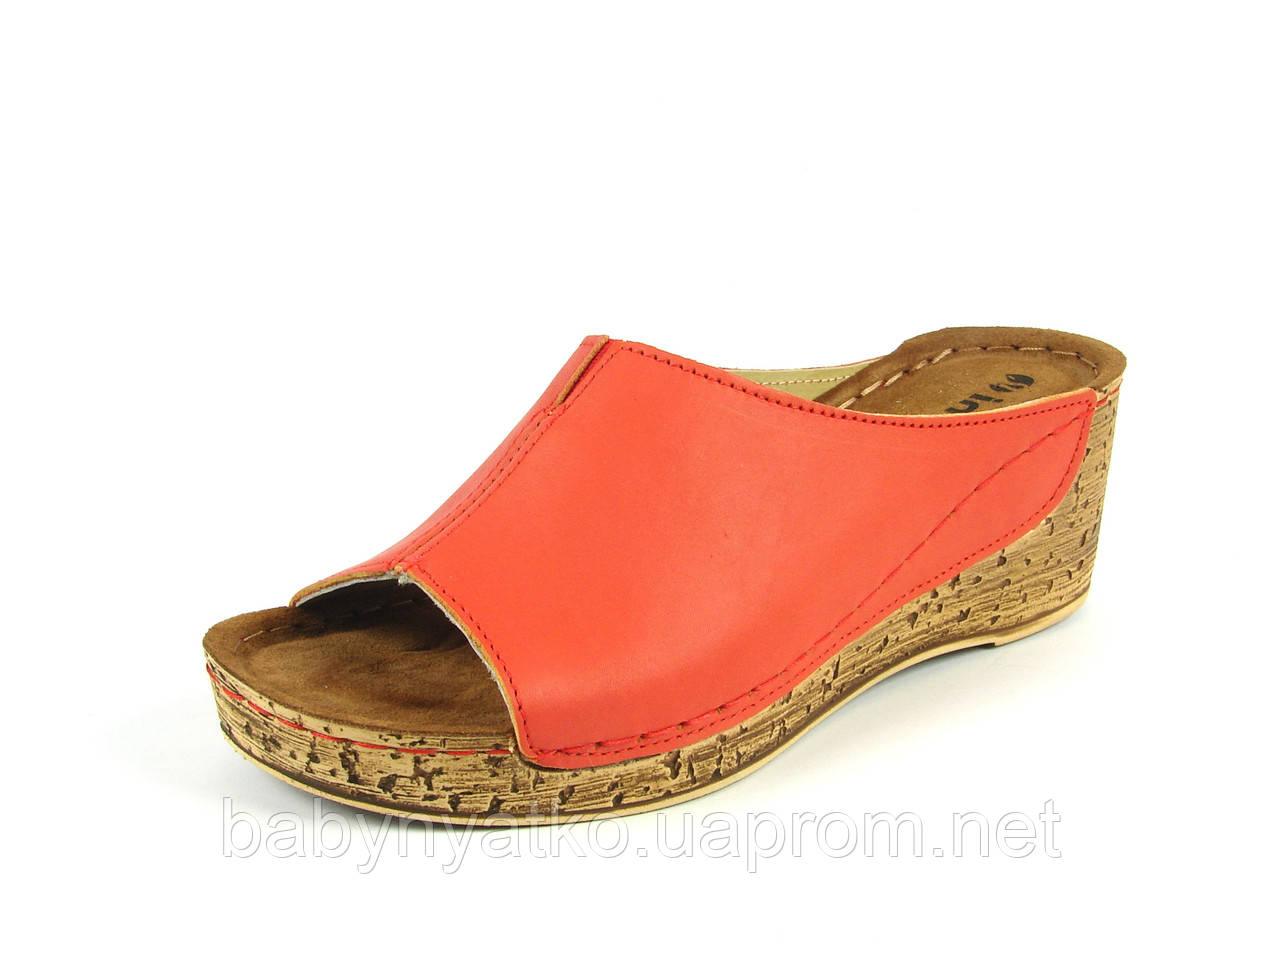 Женская летняя ортопедическая кожаная обувь сабо р.36(22.5см) красные e687db8a384